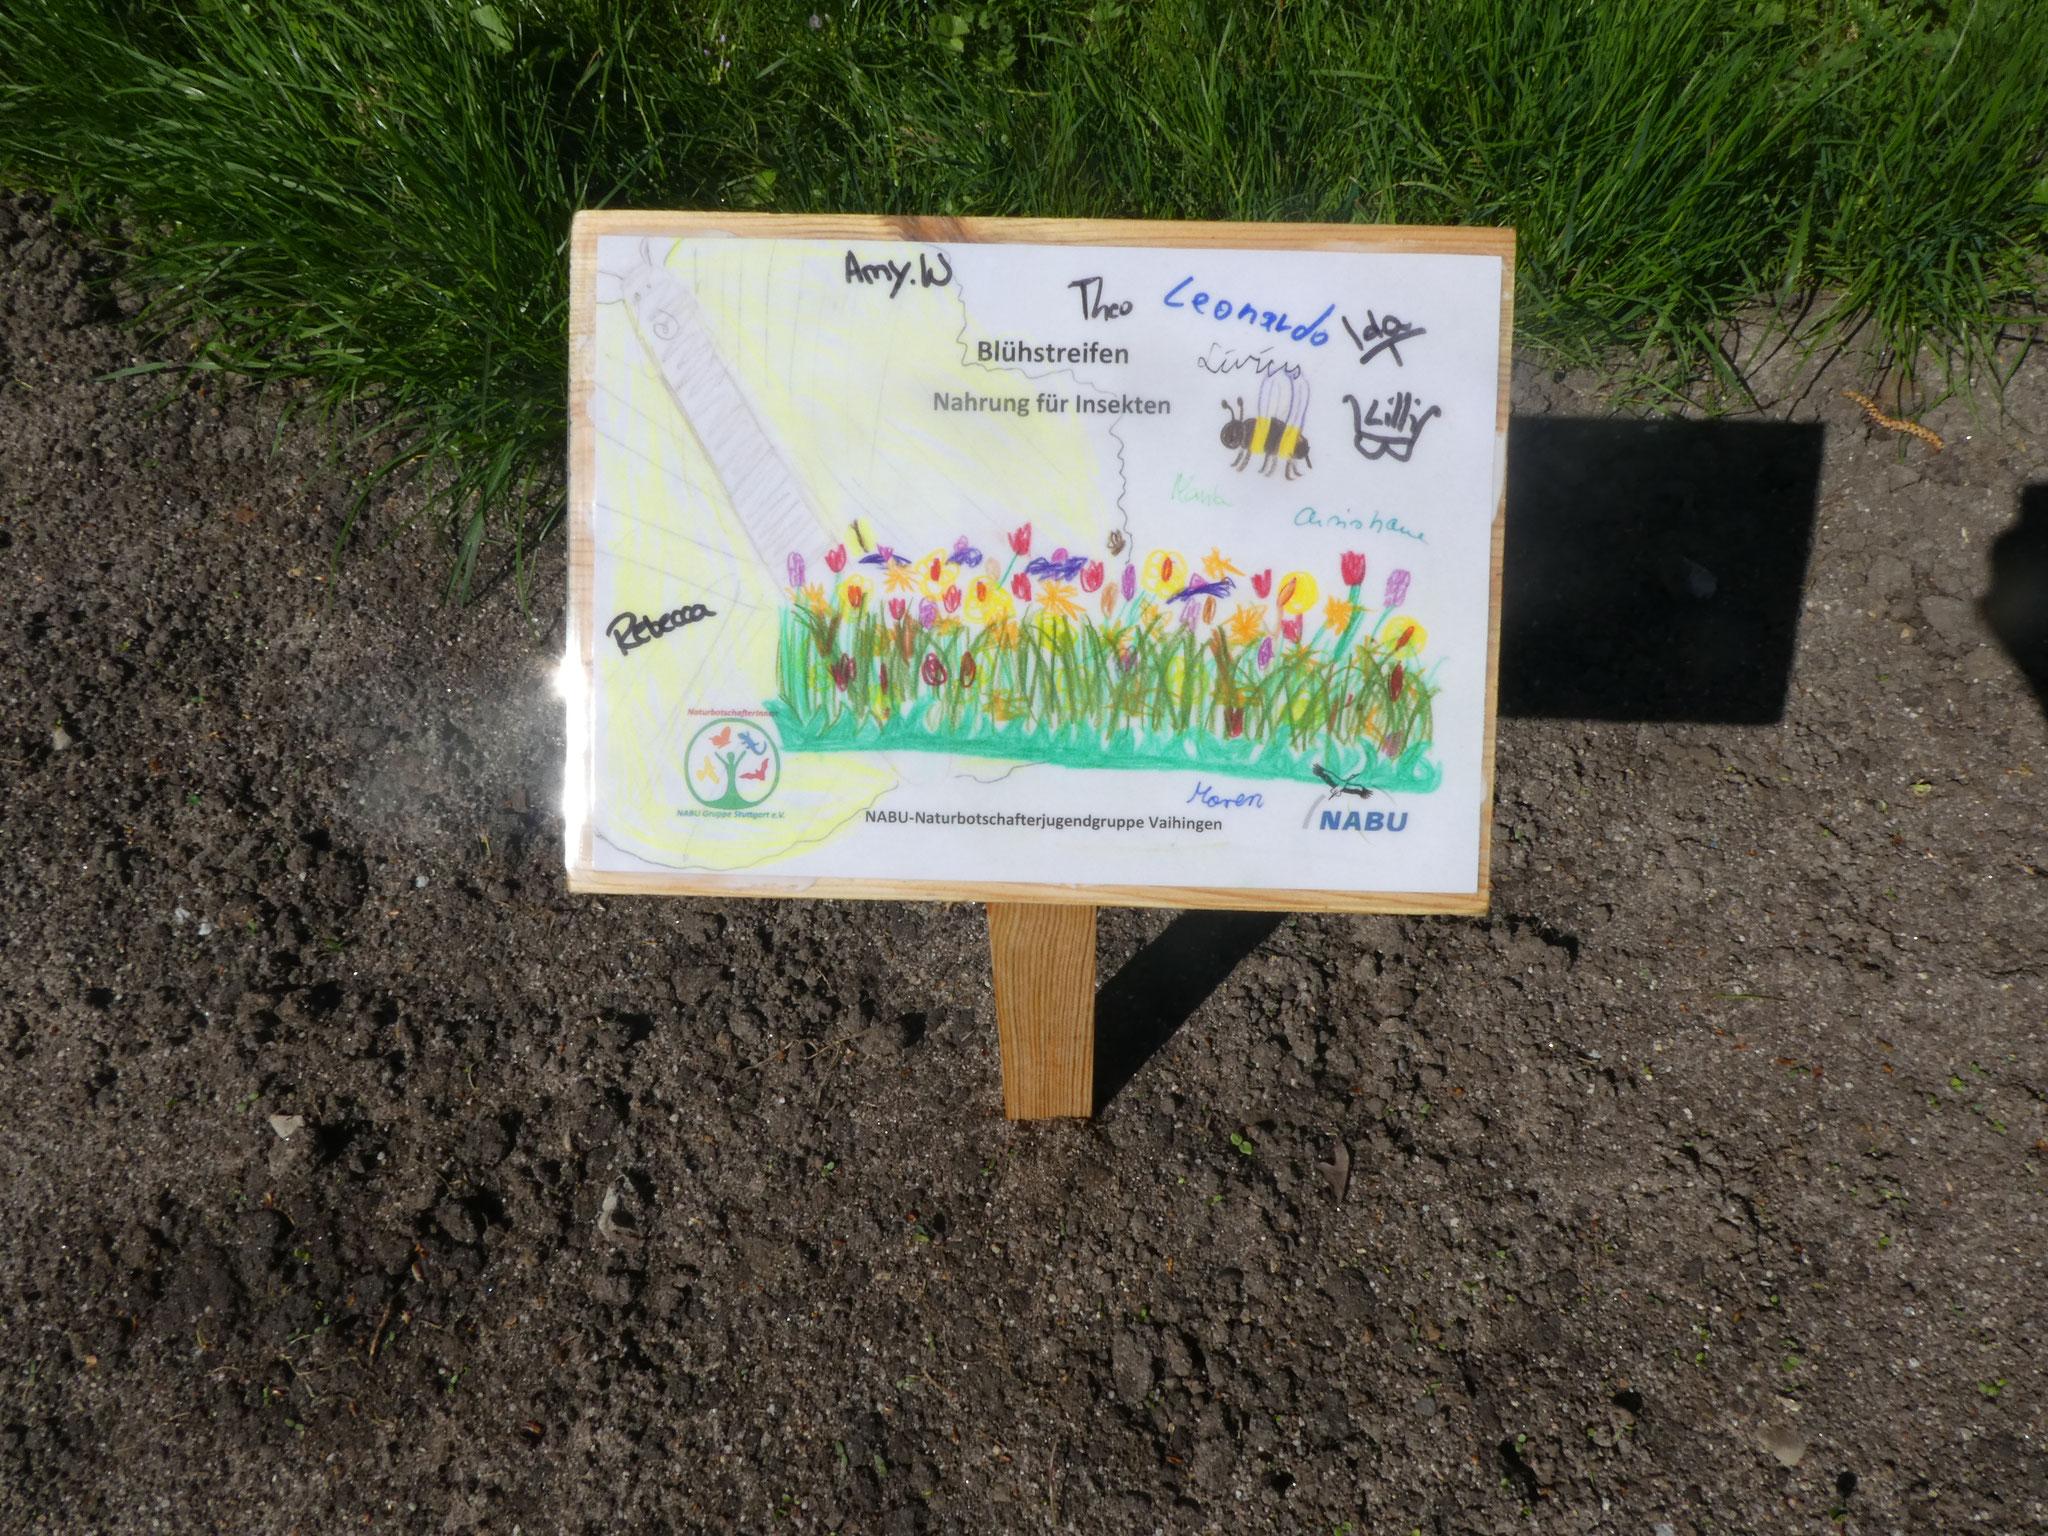 Blühstreifentafel im Rohrer Park, M. Ruland